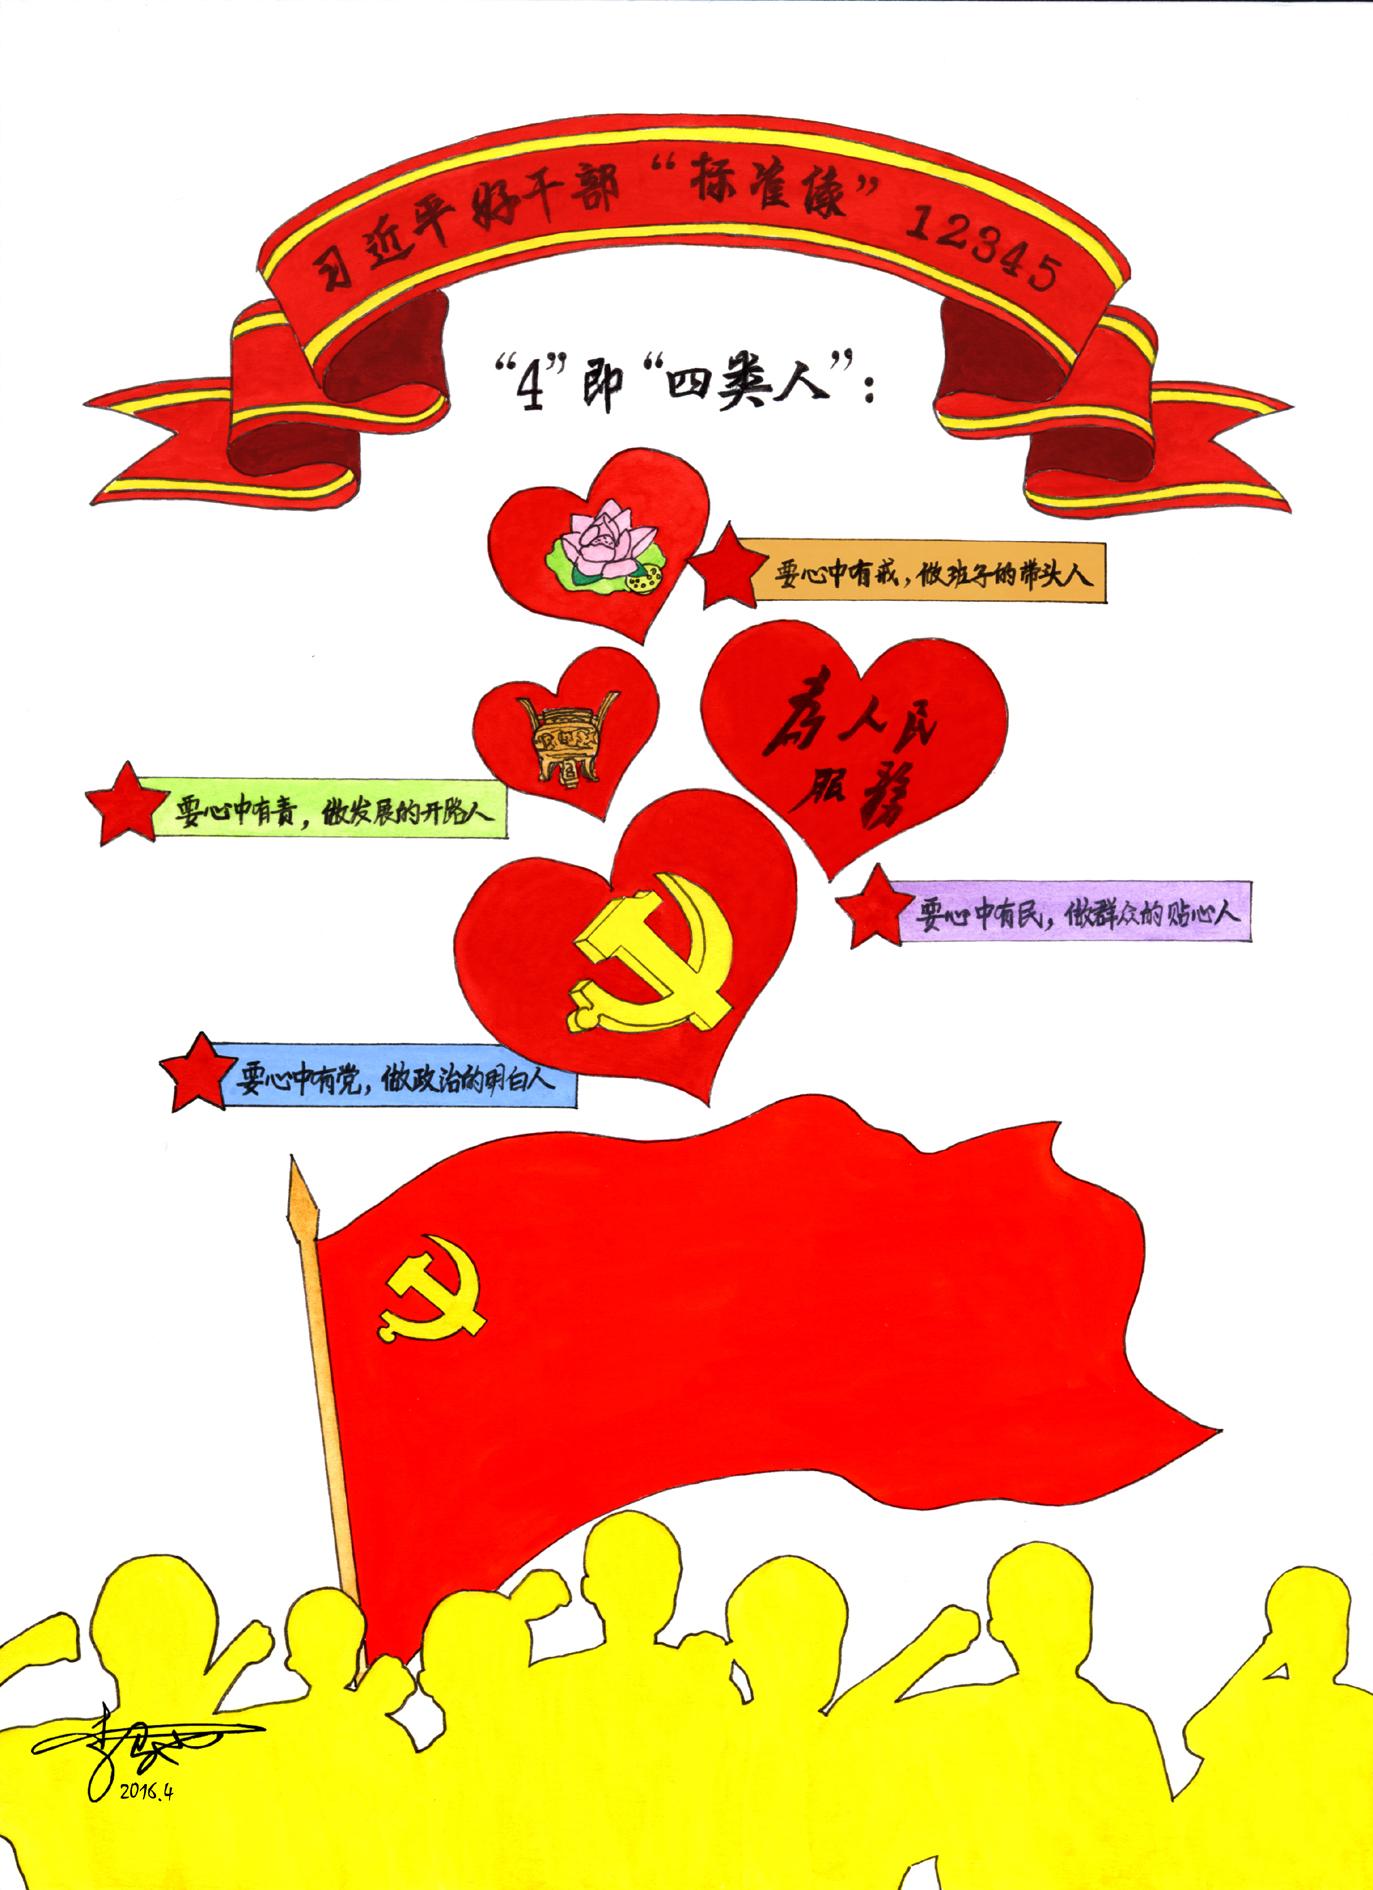 图9《习近平好干部标准像之4》   4即四类人:要心中有党,做政治的明白人;要心中有民, 做群众的贴心人;要心中有责,做发展的开路人;要心中有戒,做班子的带头人。   2015年6月30日,习近平总书记在北京接接全国优秀县委书记时要求:广大县委书记要以焦裕禄、杨善洲、谷文昌等同志为榜样,始终做到心中有党、心中有民、心中有责、心中有戒,做政治的明白人、发展的开路人、群众的贴心人和班子的带头人。   学习笔记:领导干部应当牢记党和人民的恩情,提高政治觉悟、牢记崇高使命,把爱党、忧党、兴